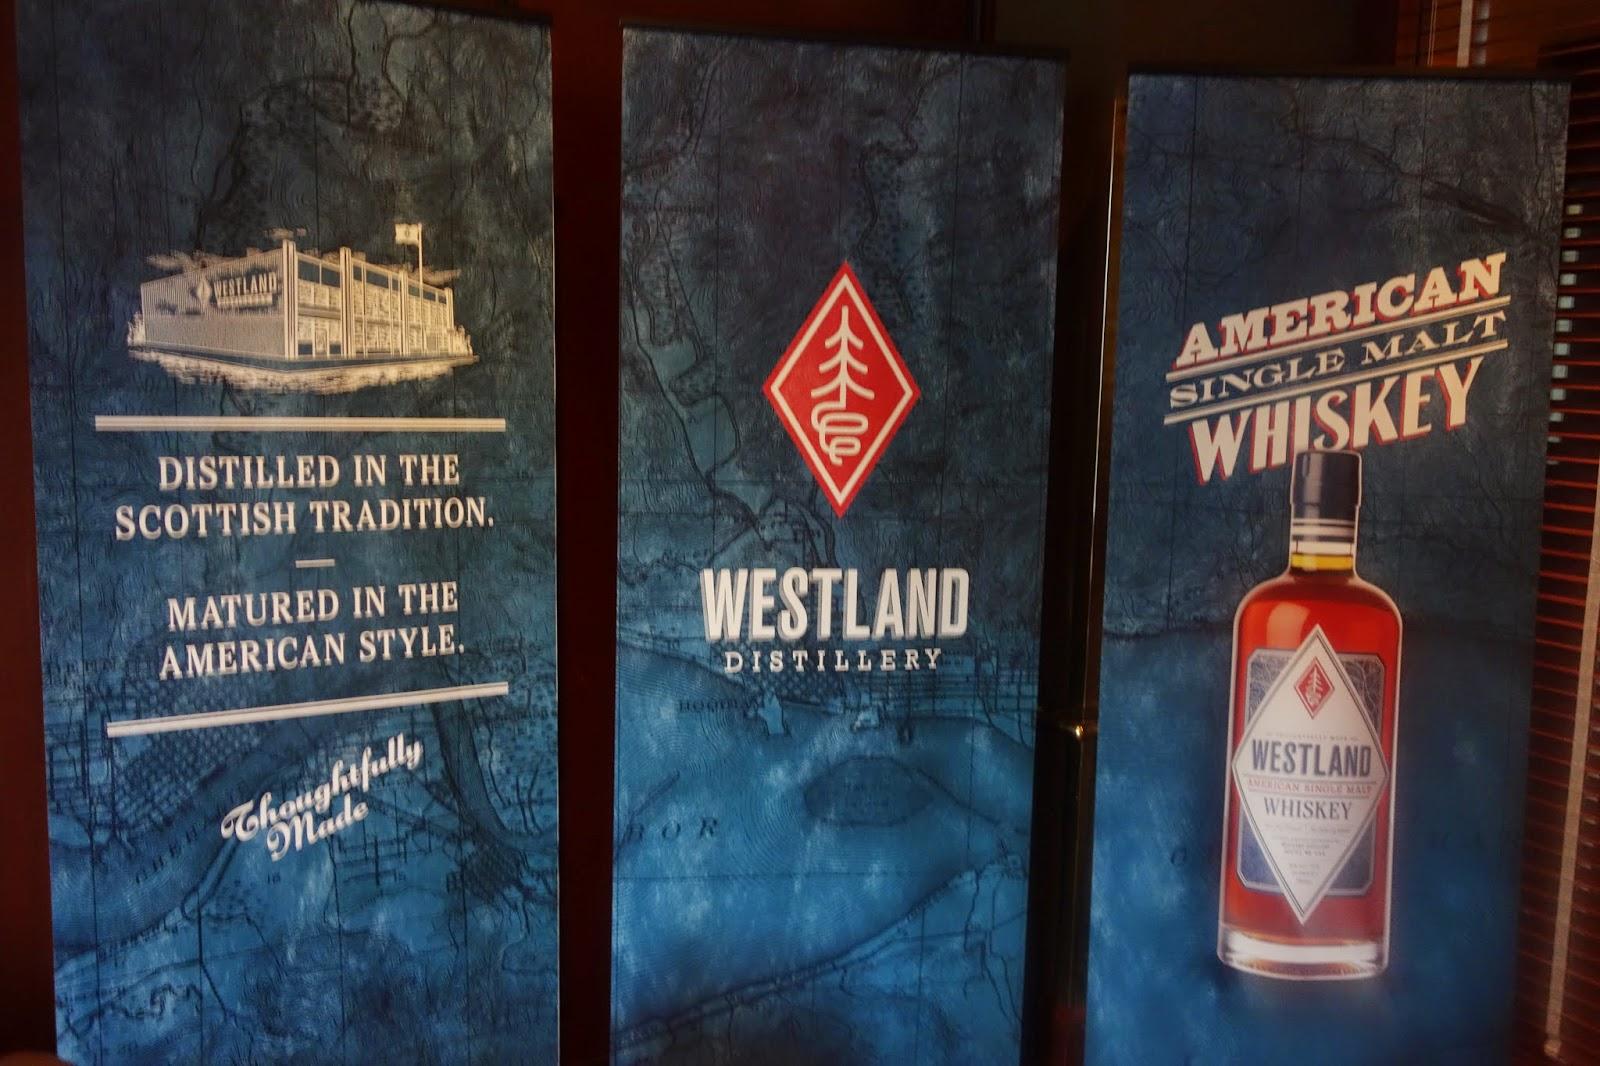 westland distillery: a worthy washington whiskey